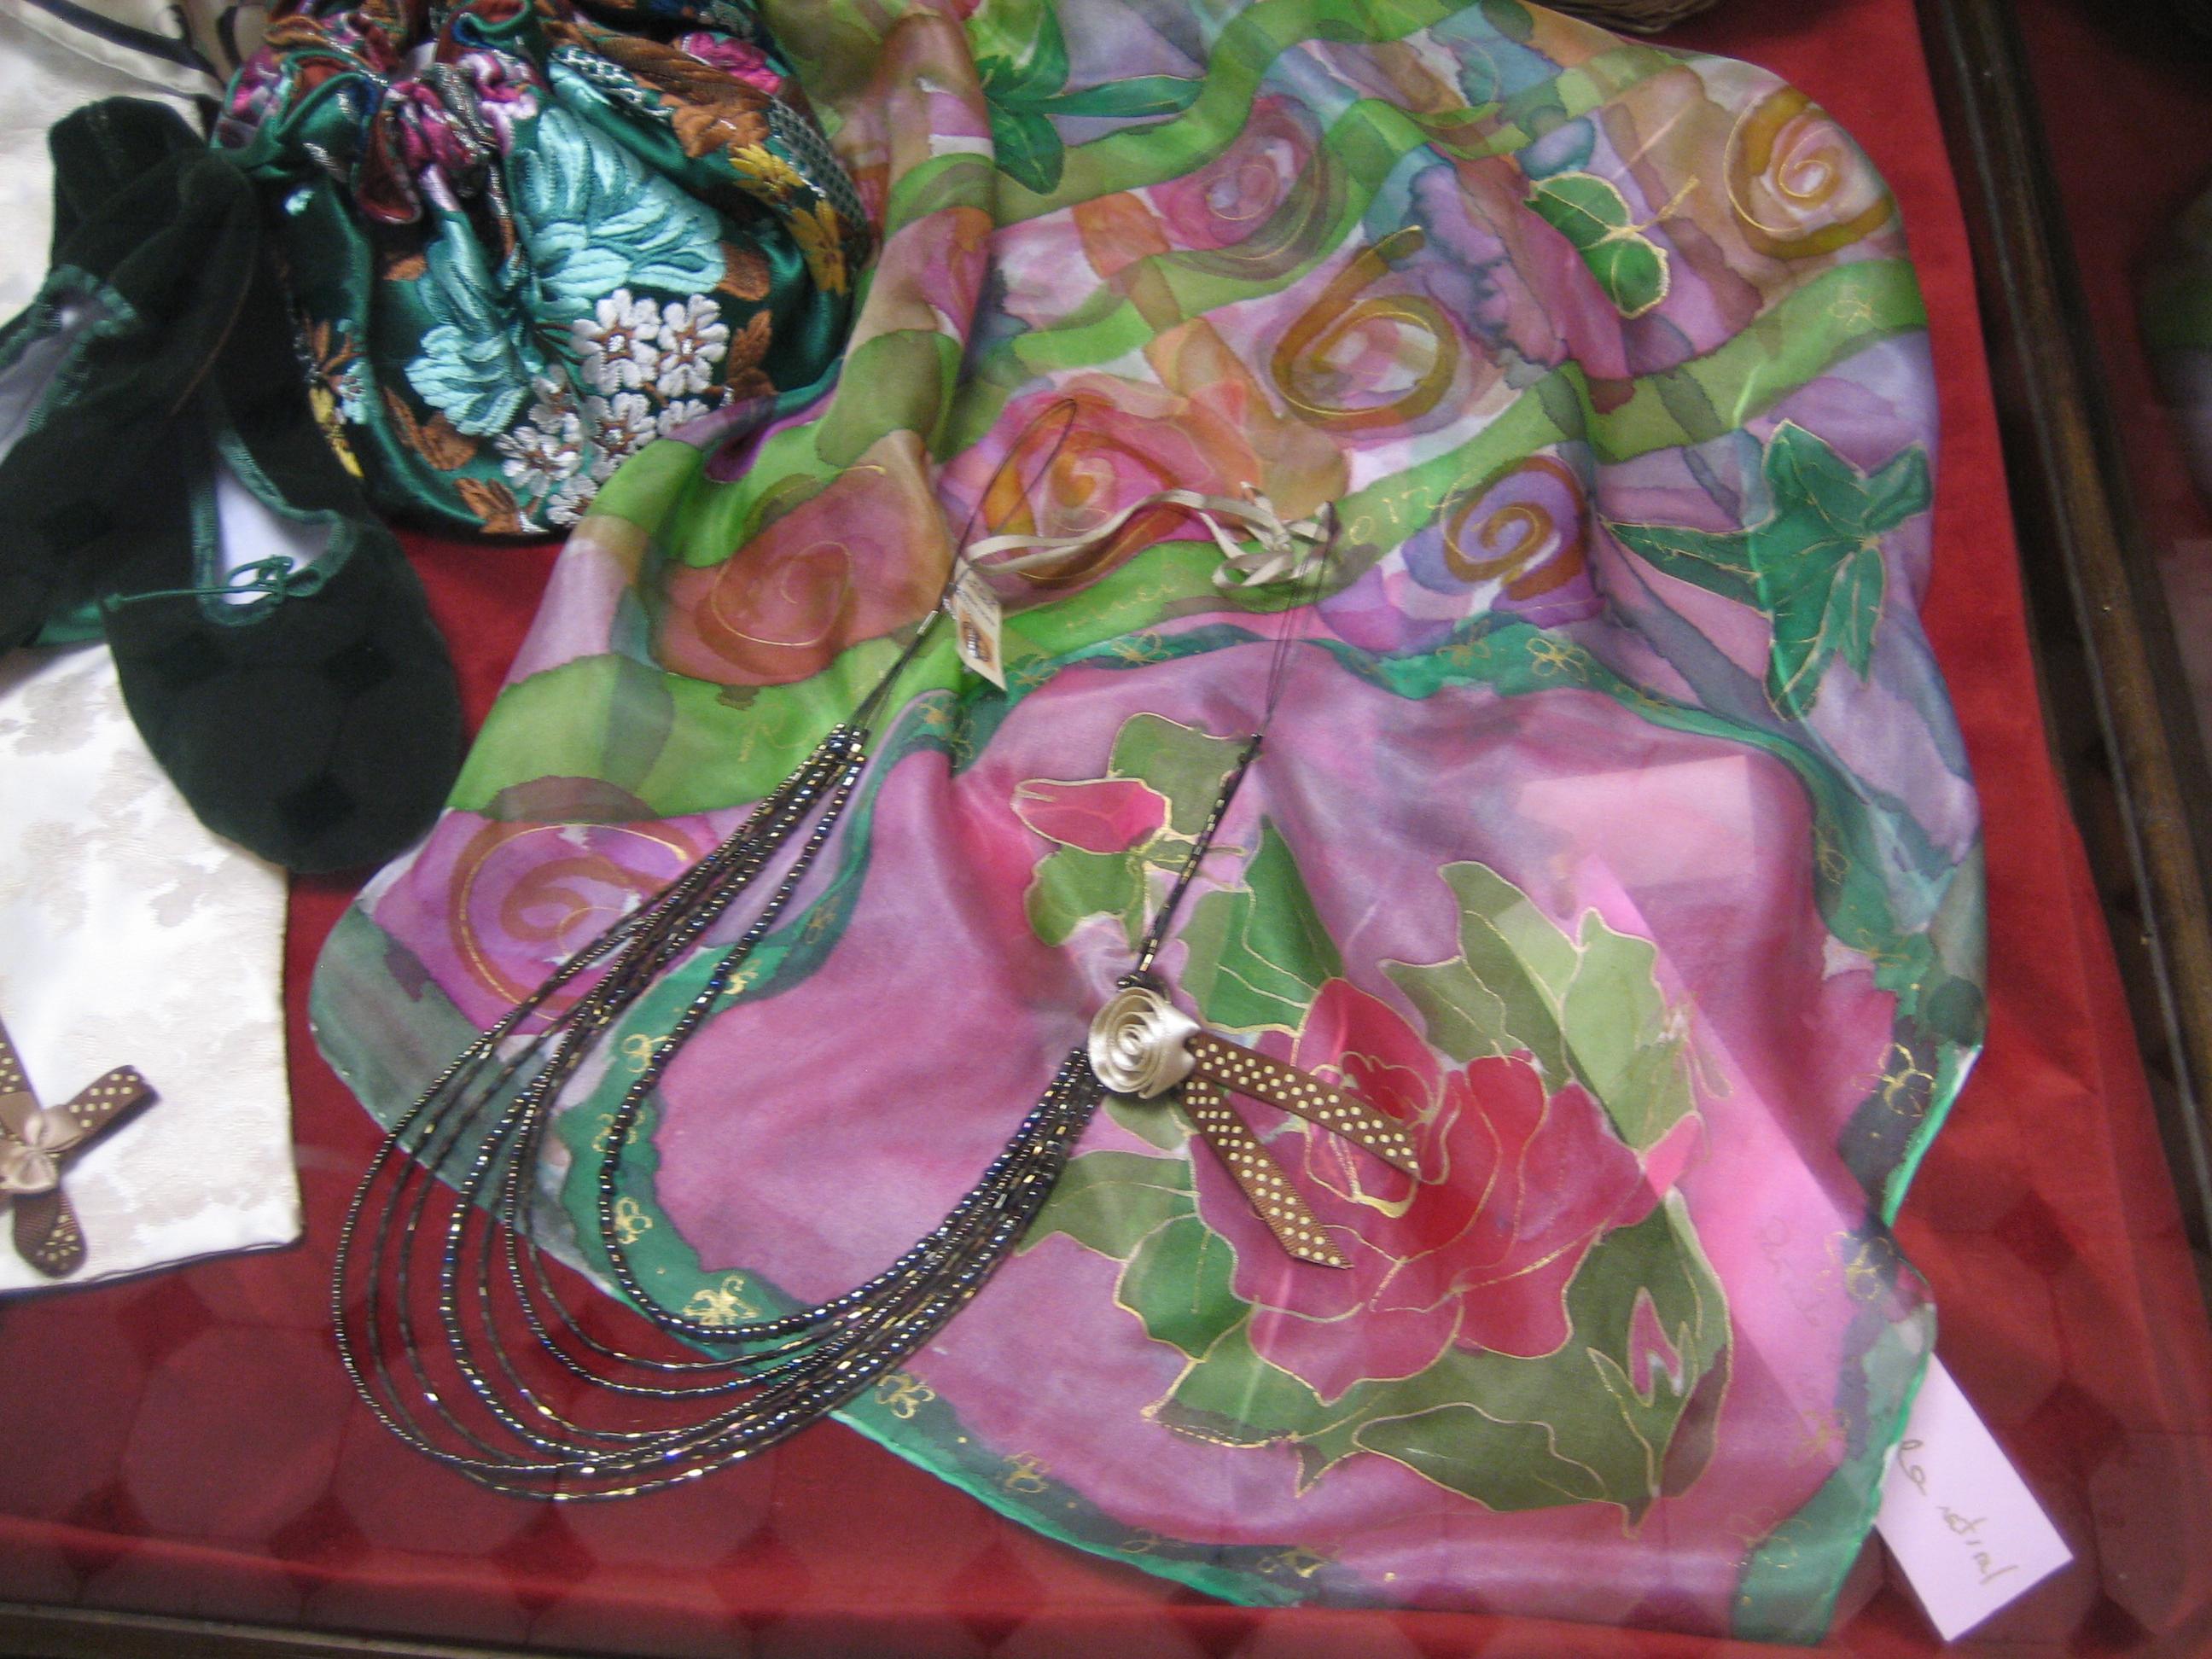 """Pañuelo """"Rosas"""" en la vitrina de la tienda """"Espai seda"""" del museo de la seda de Valencia, 90 x 90 cm"""